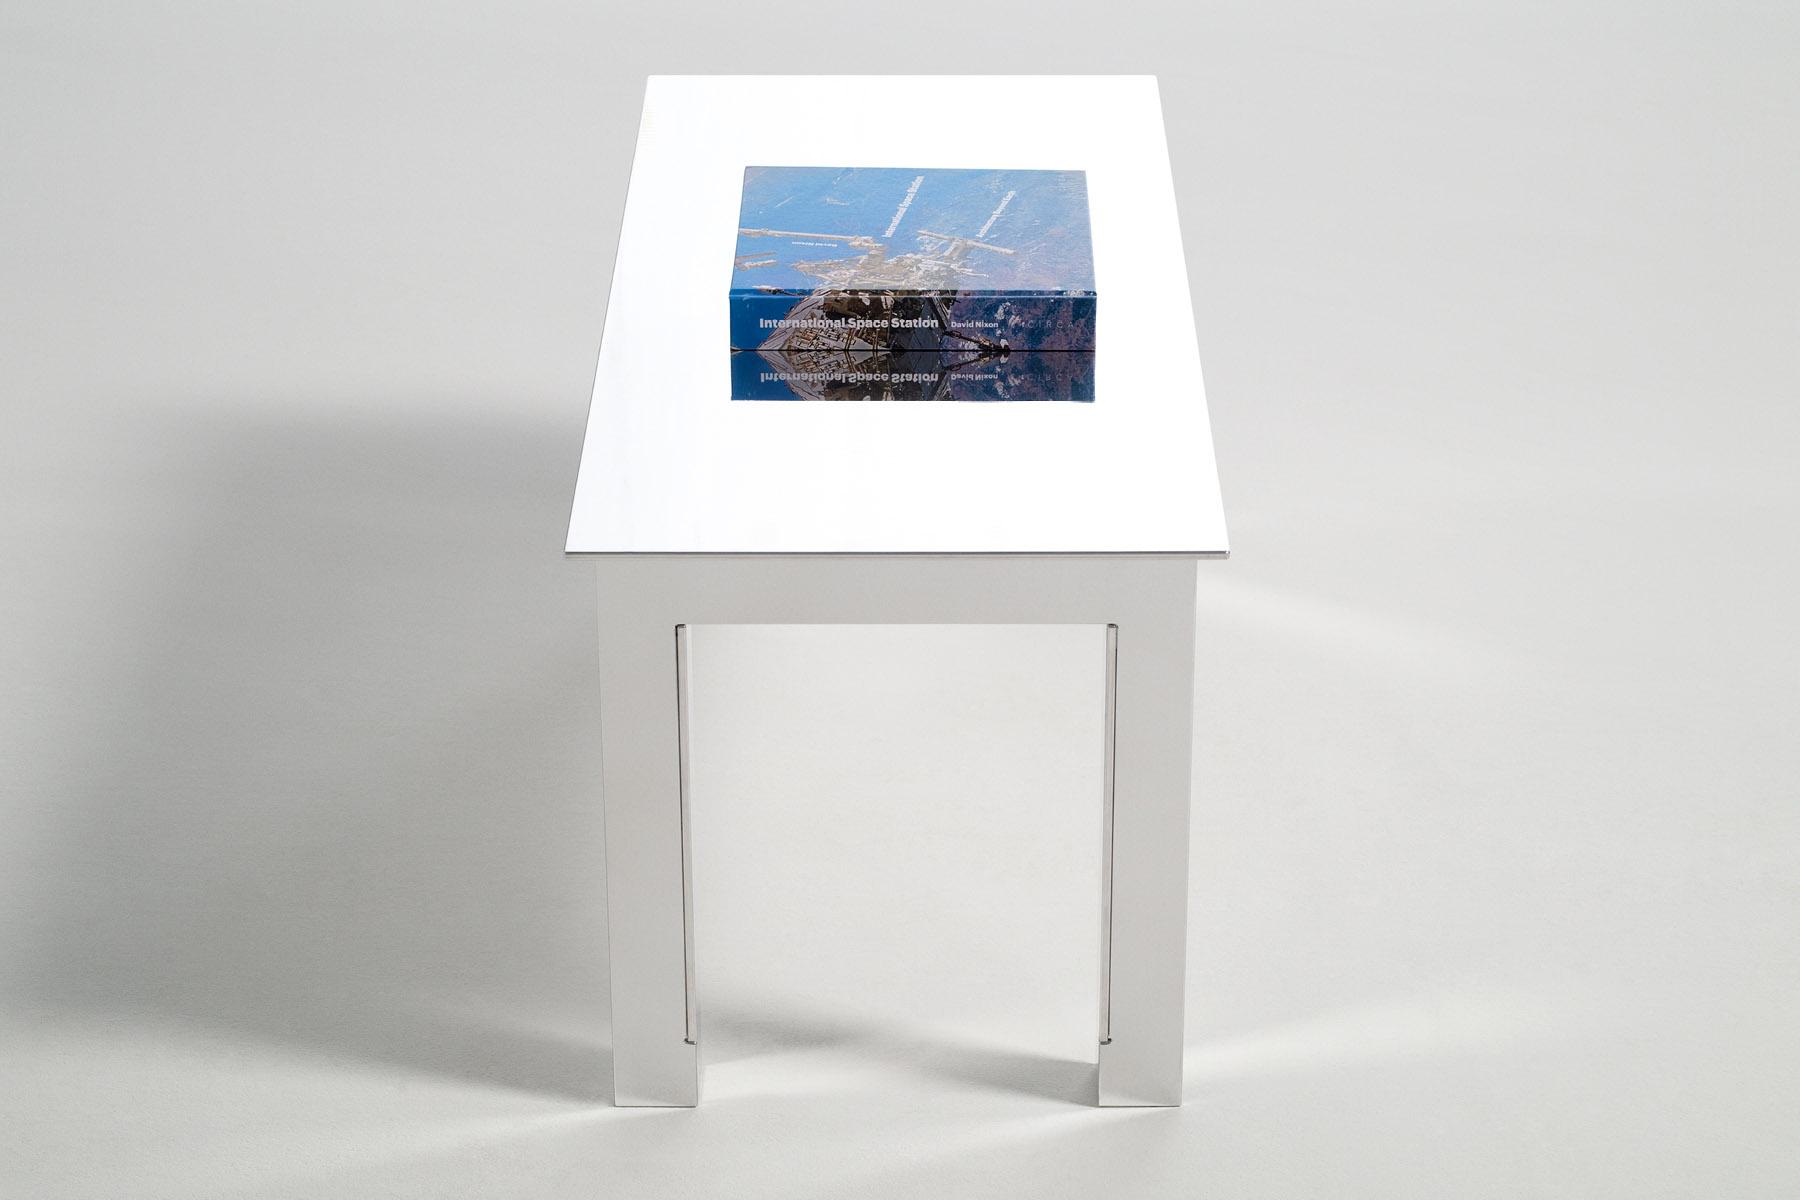 Table basse en aluminium vue de profil